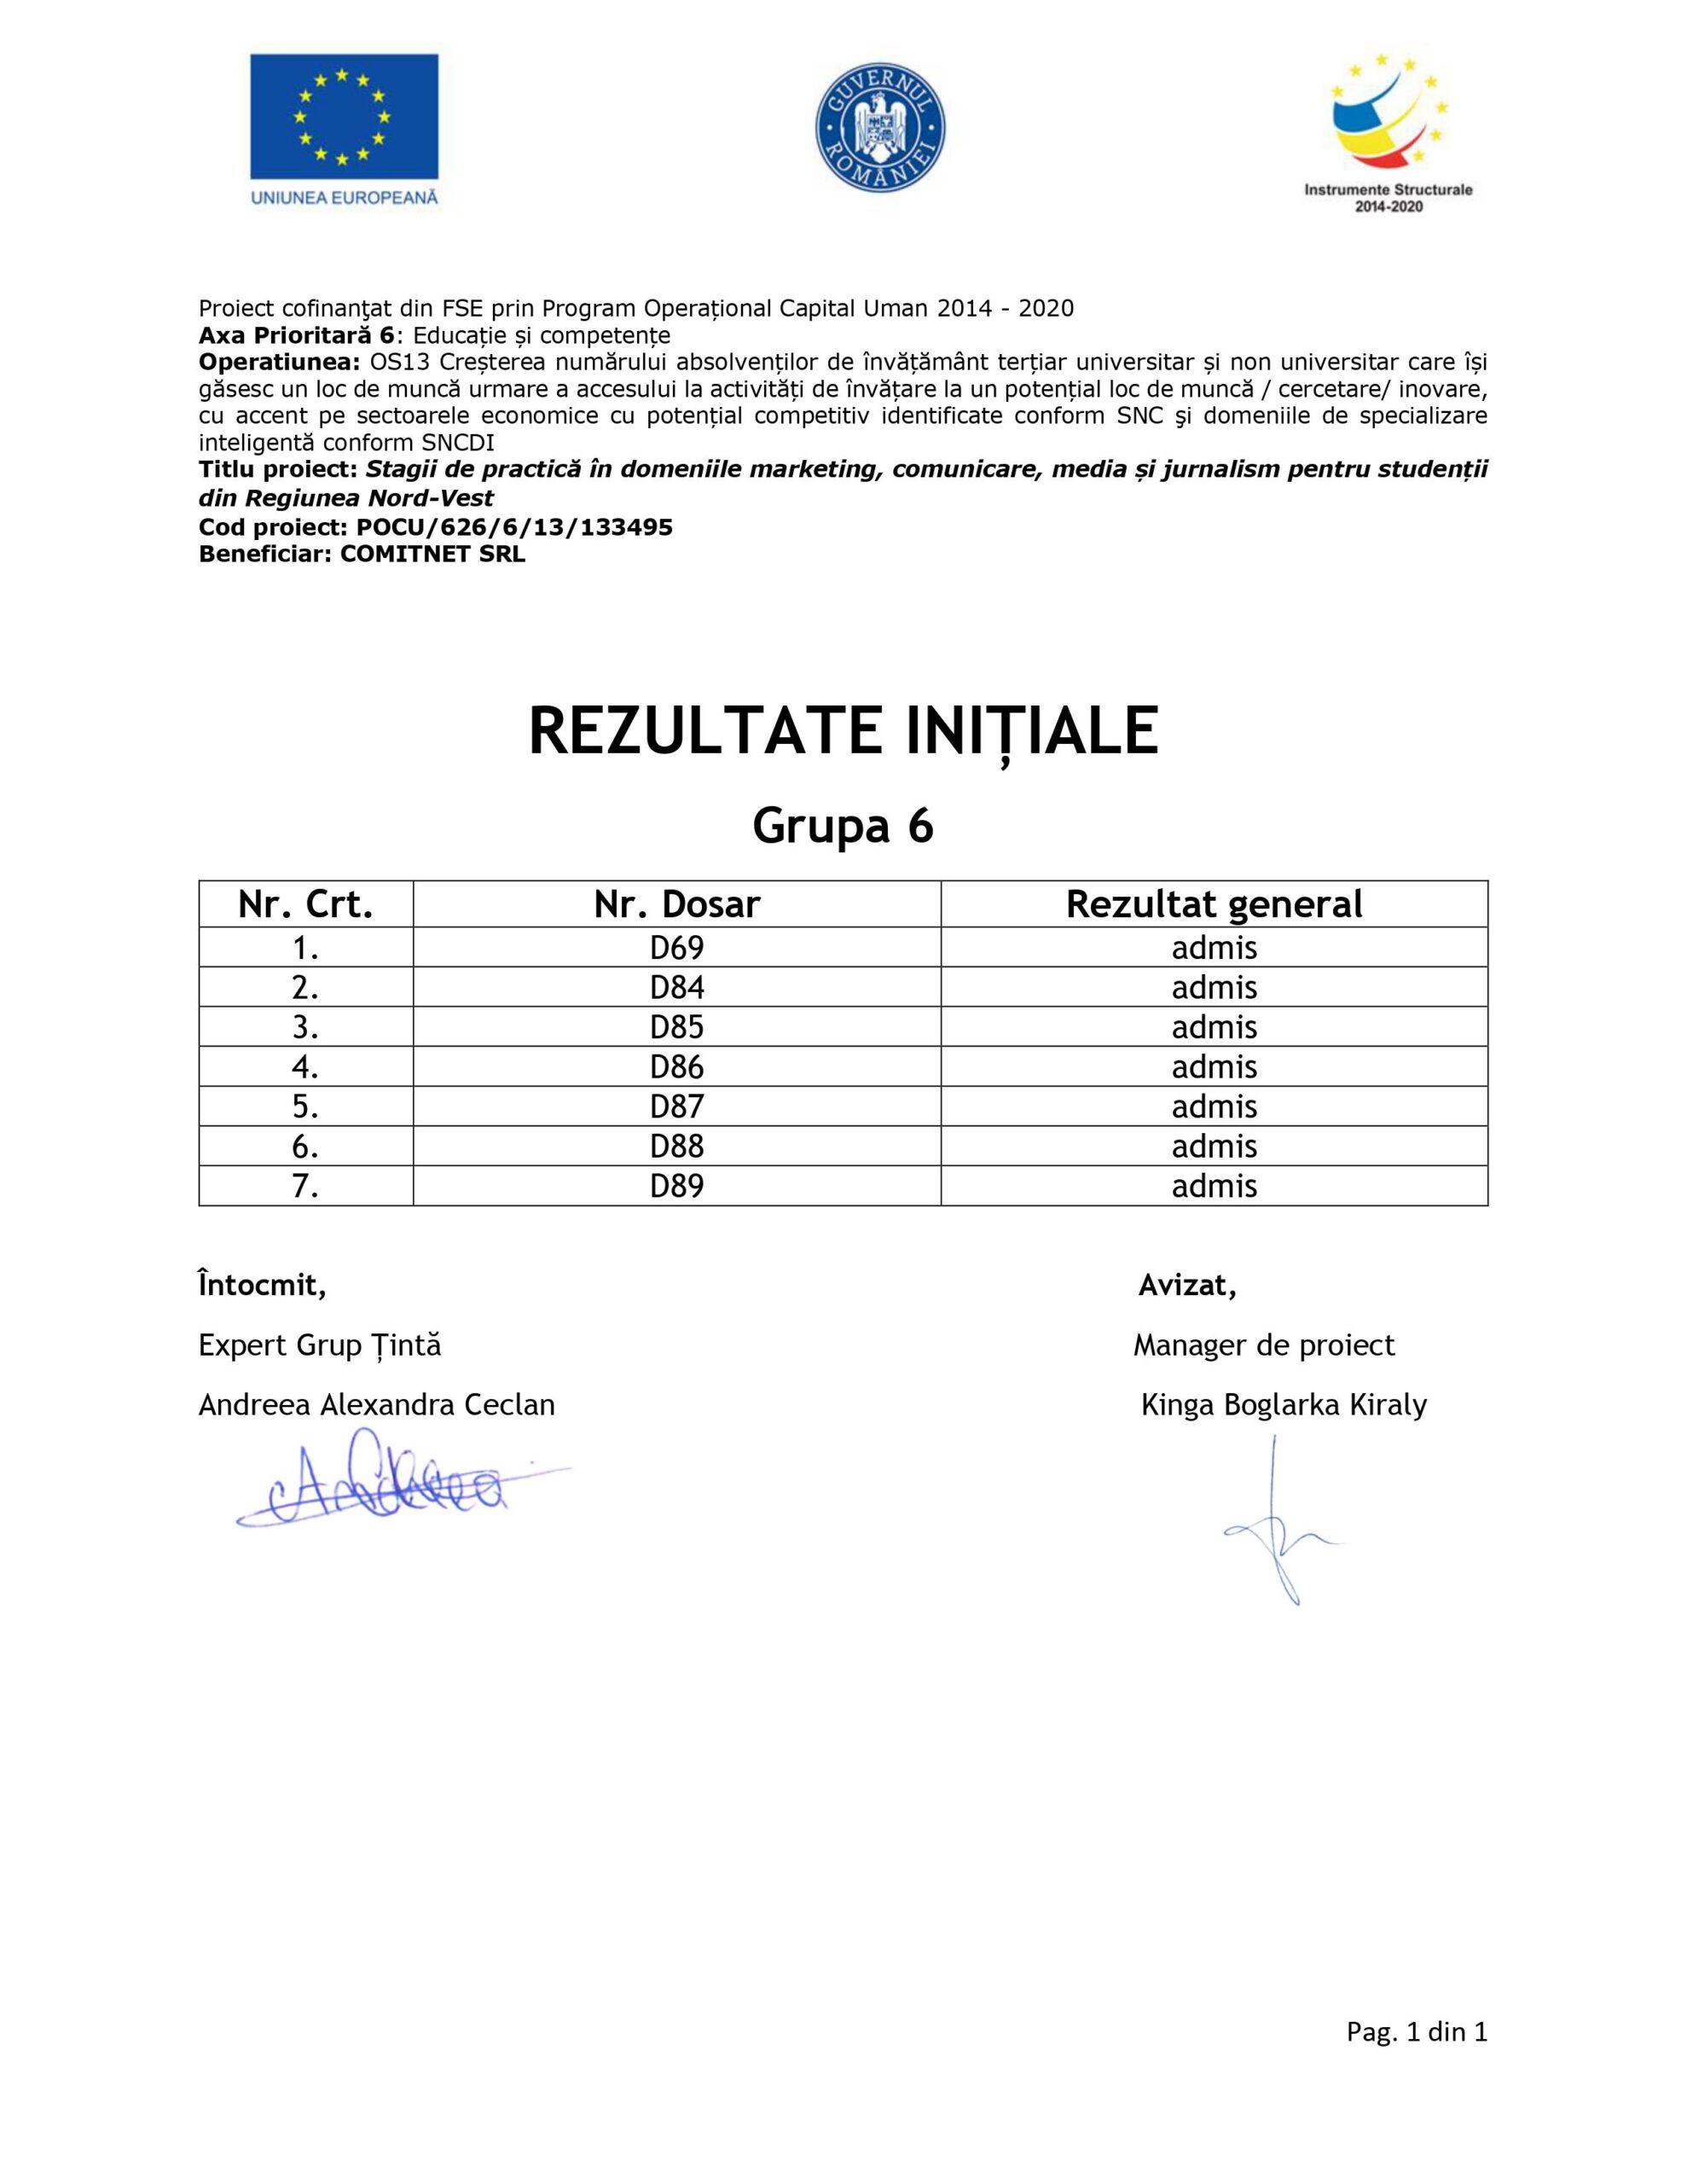 [Stagii de Practică SEO 365] Rezultate inițiale - Grupa VI - semnat